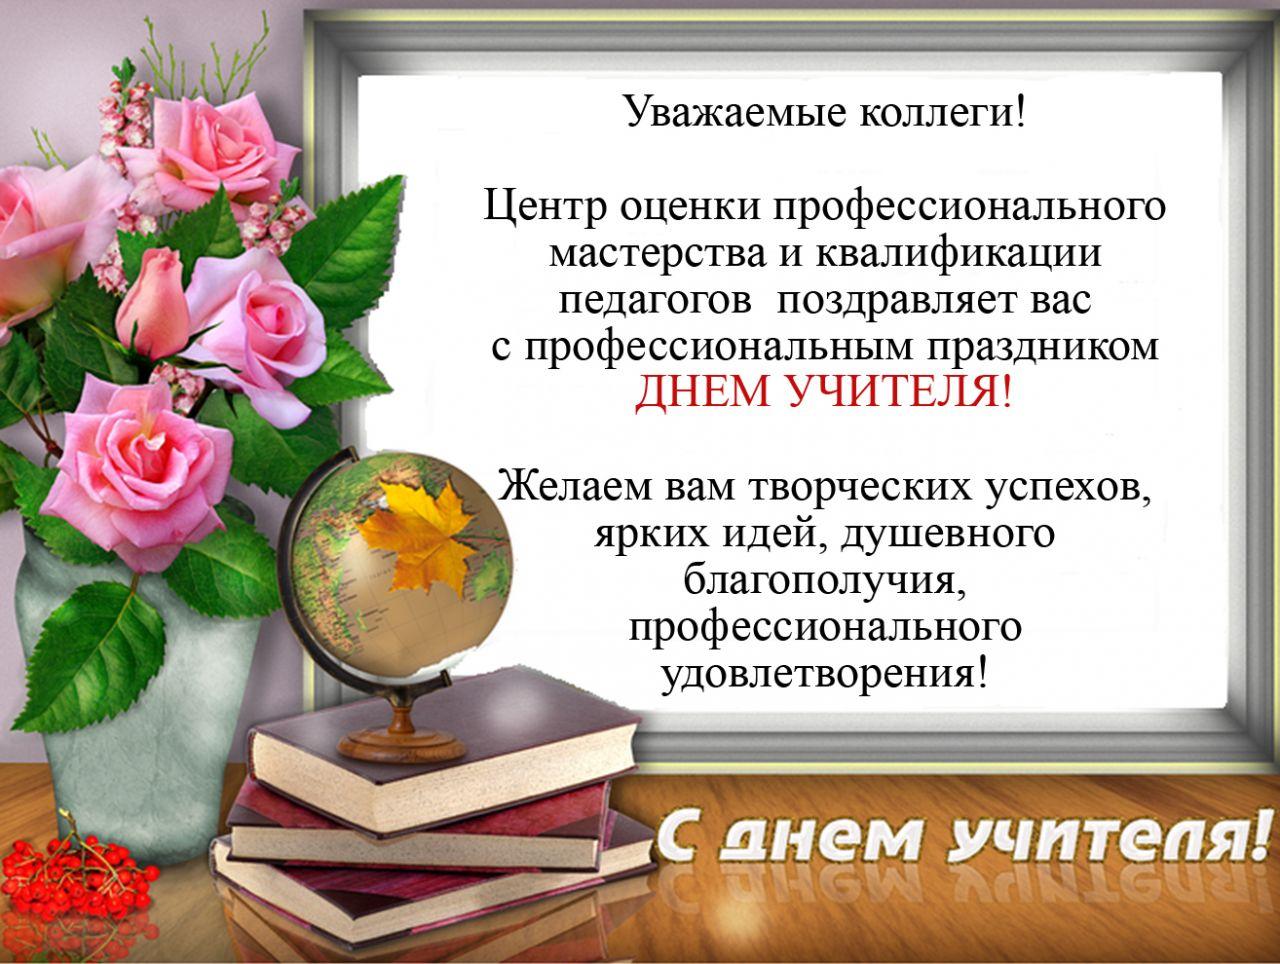 поздравление для ветеранов педагогического труда на день учителя в прозе